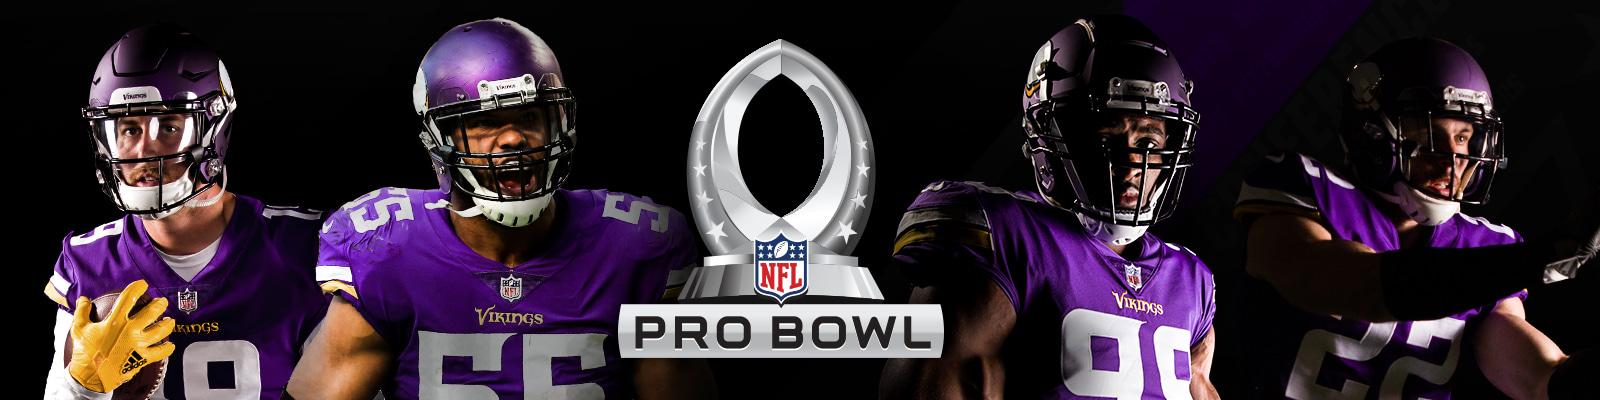 Vikings Pro Bowl Minnesota Vikings Vikings Com